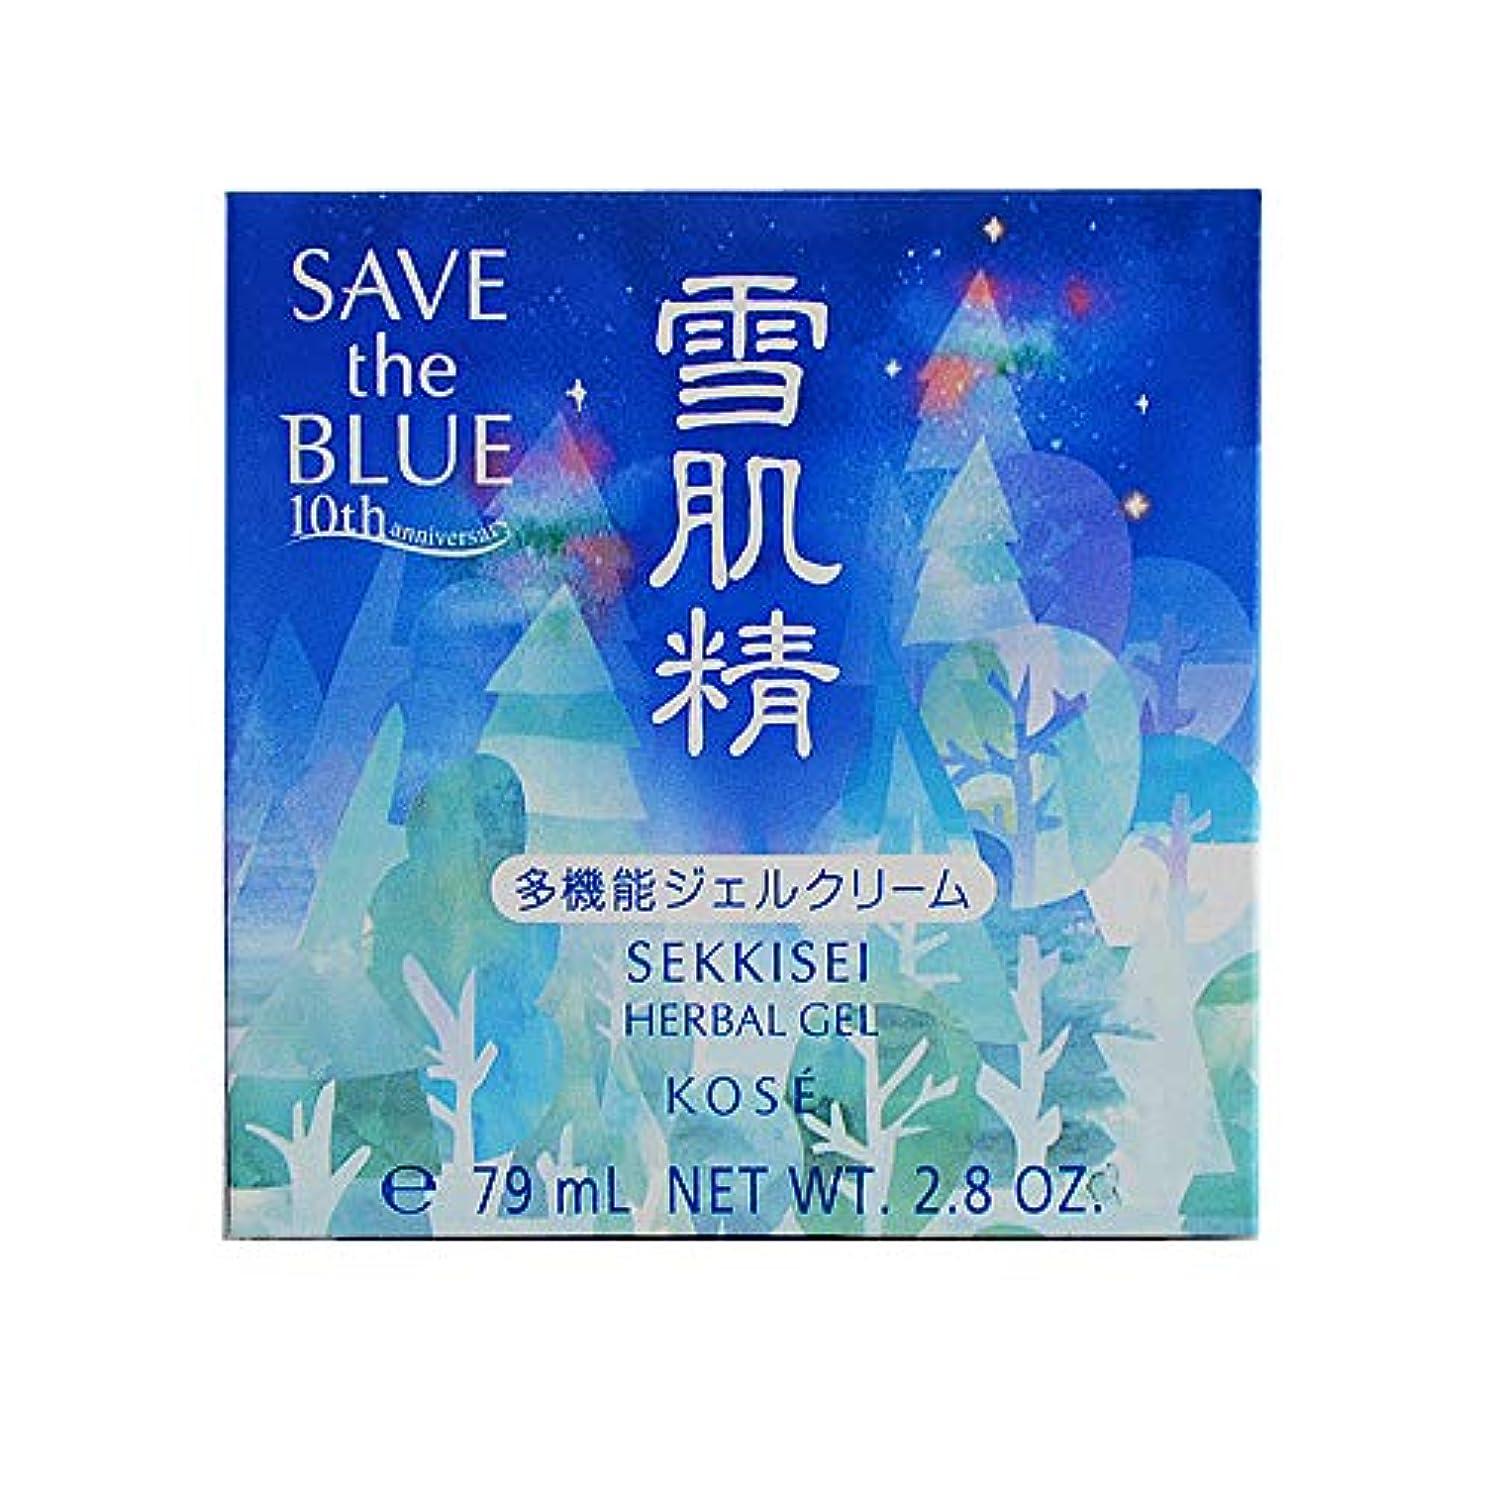 幾何学憂鬱なまたねコーセー 雪肌精 ハーバルジェル 80g (SAVE the BLUE) [ フェイスクリーム ] [並行輸入品]